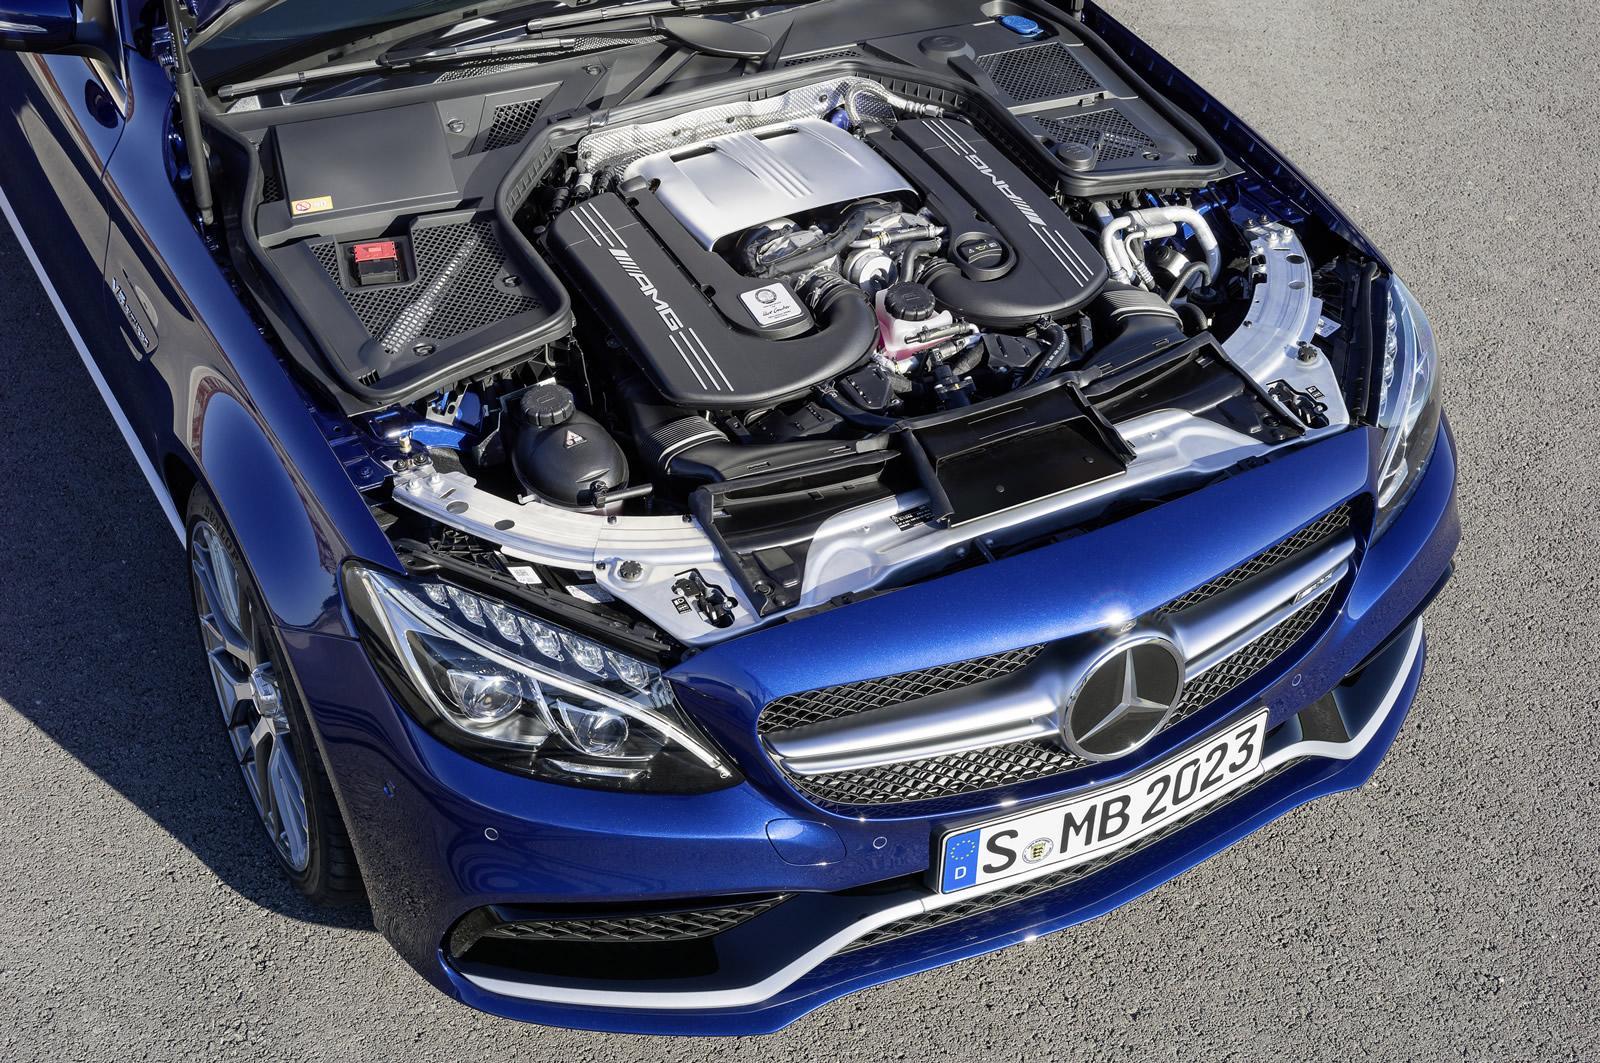 2015 Mercedes C 63 AMG 4.0L V8 engine press image